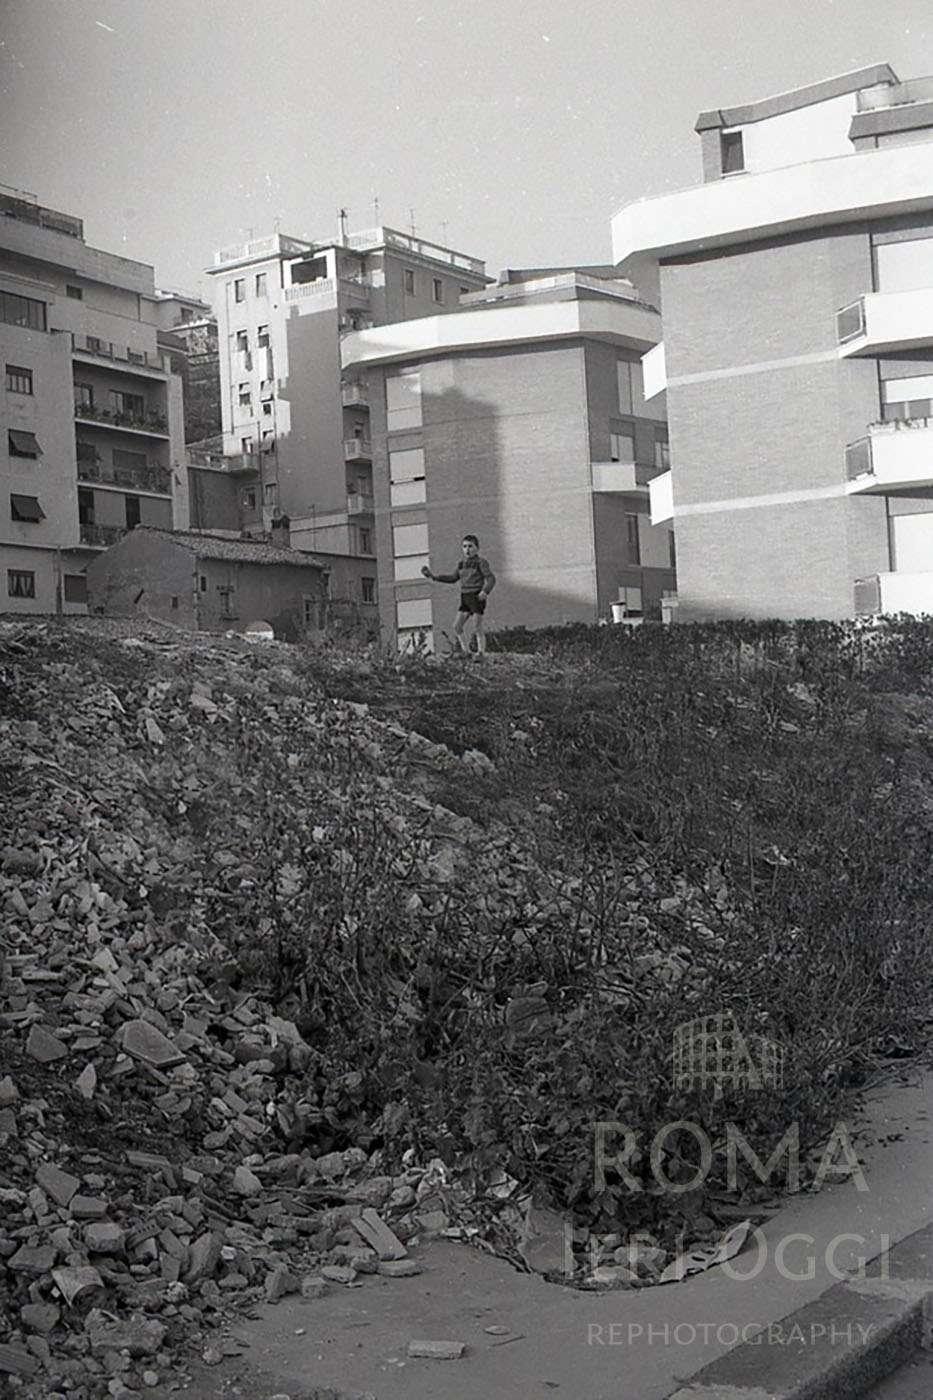 Trionfale (cederna, 1965) 6 foto - 003